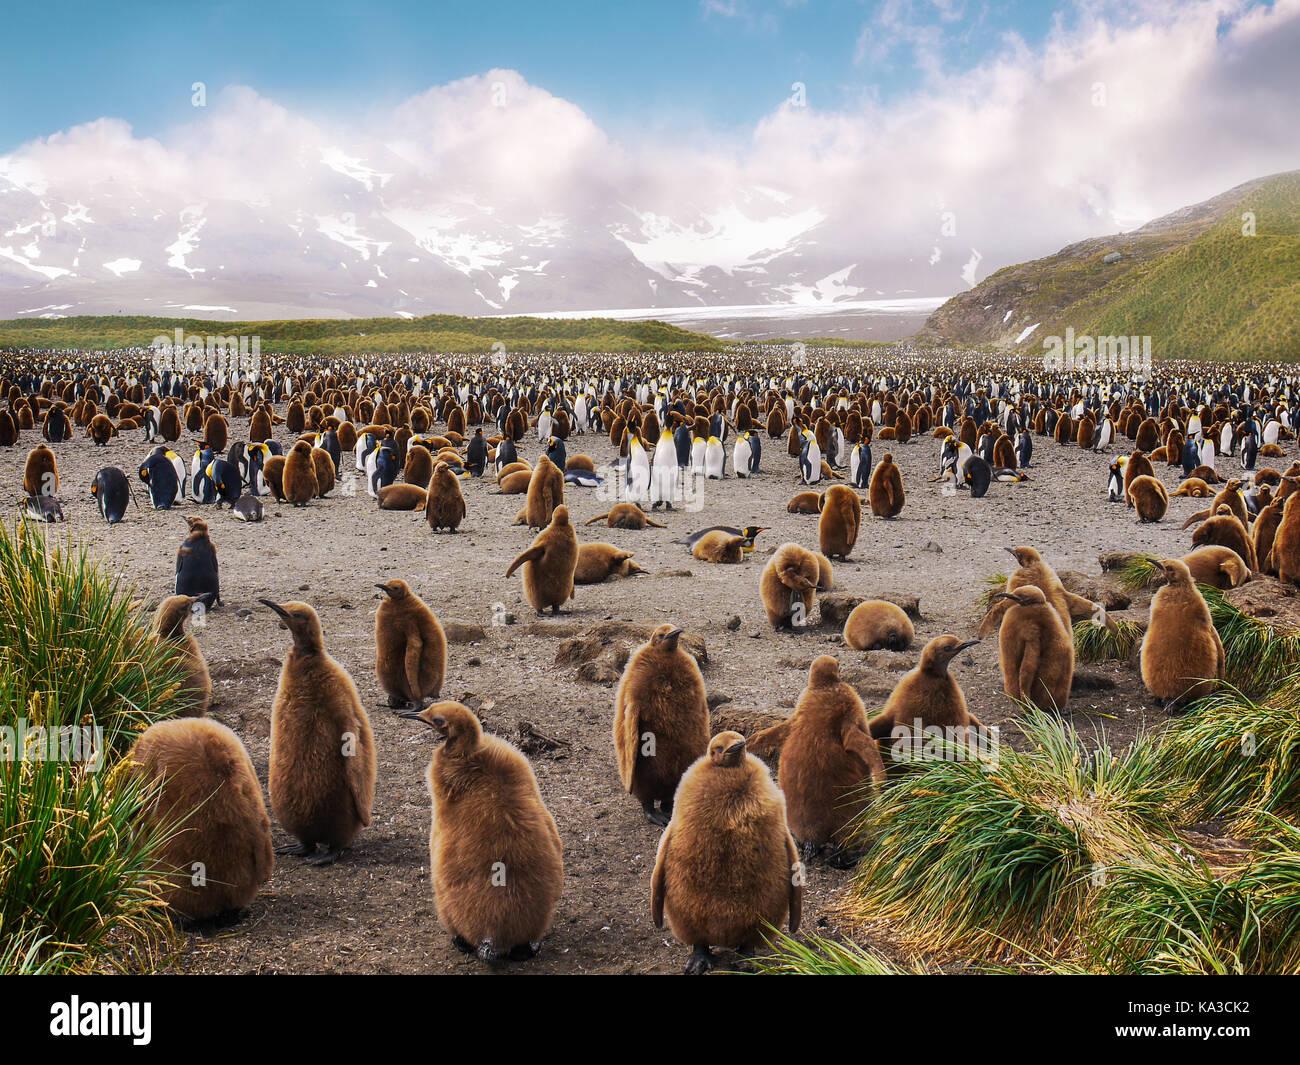 Grande colonie de pingouins roi dans la plaine de Salisbury en Géorgie du Sud avec l'île penguin chicks Photo Stock